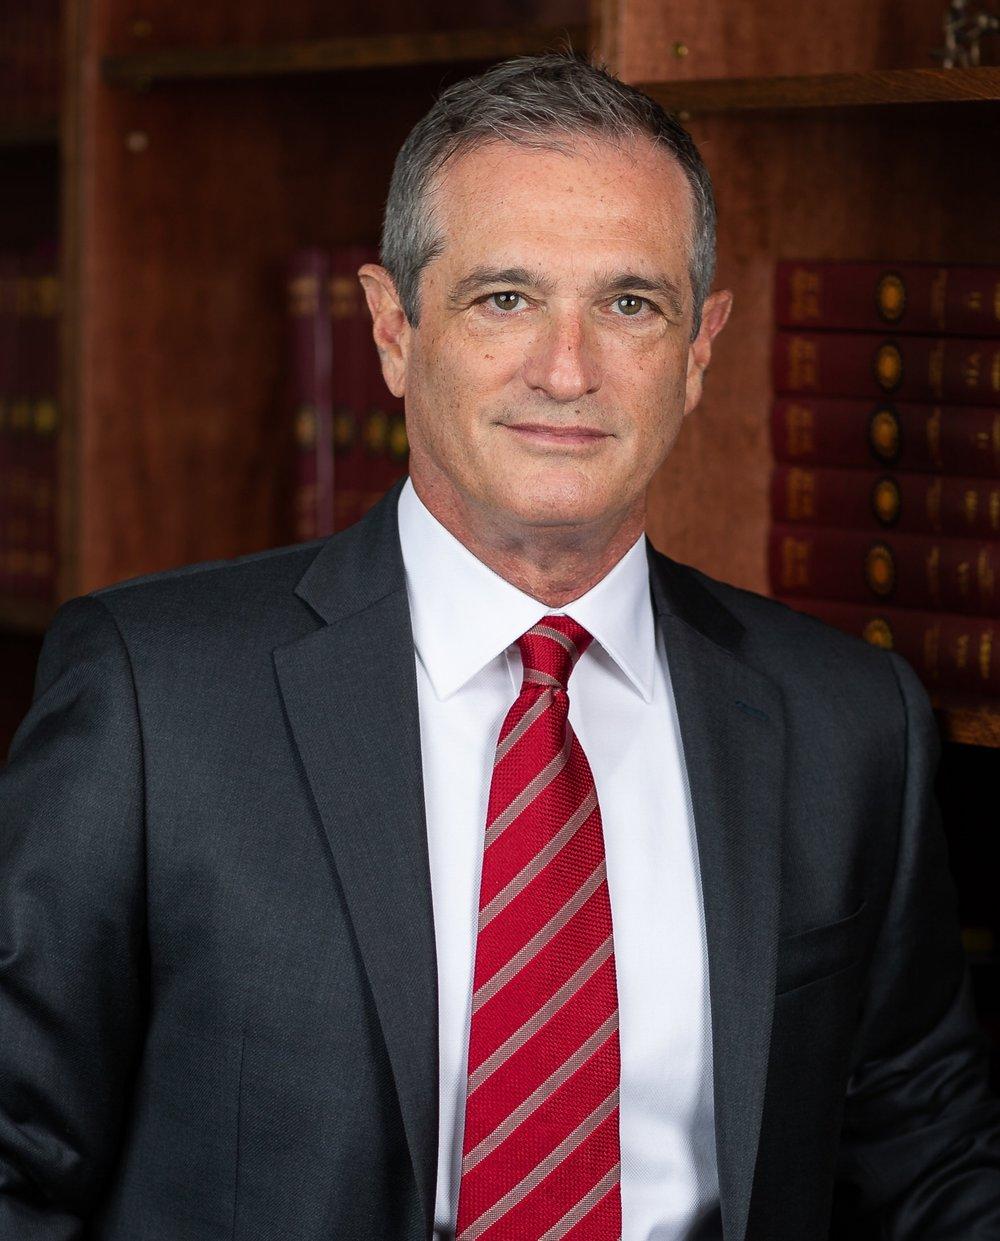 Guy Bennett Rubin